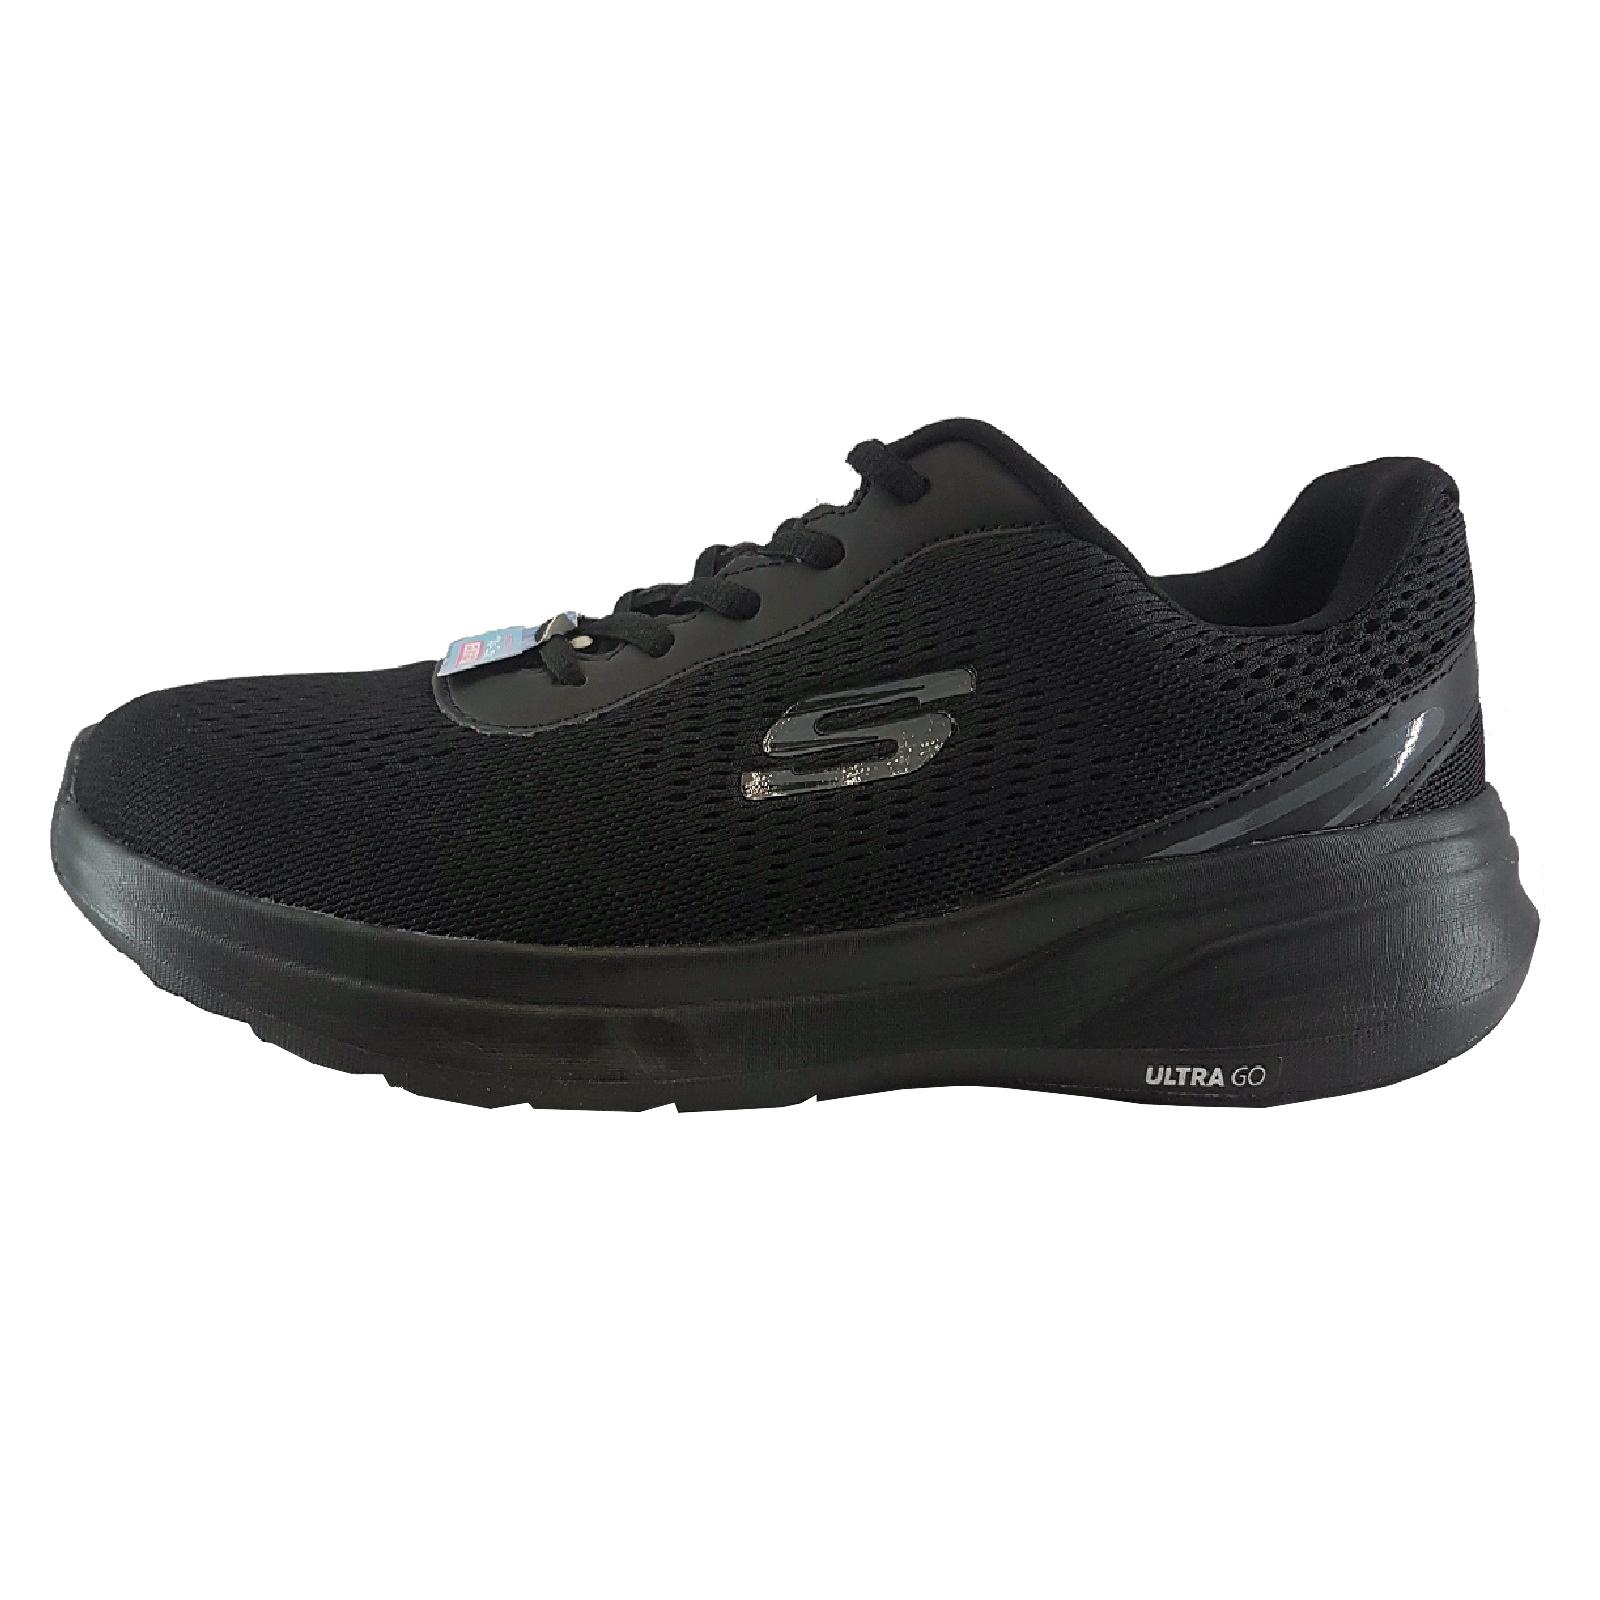 کفش مخصوص پیاده روی زنانه اسکچرز مدل اولترا گو